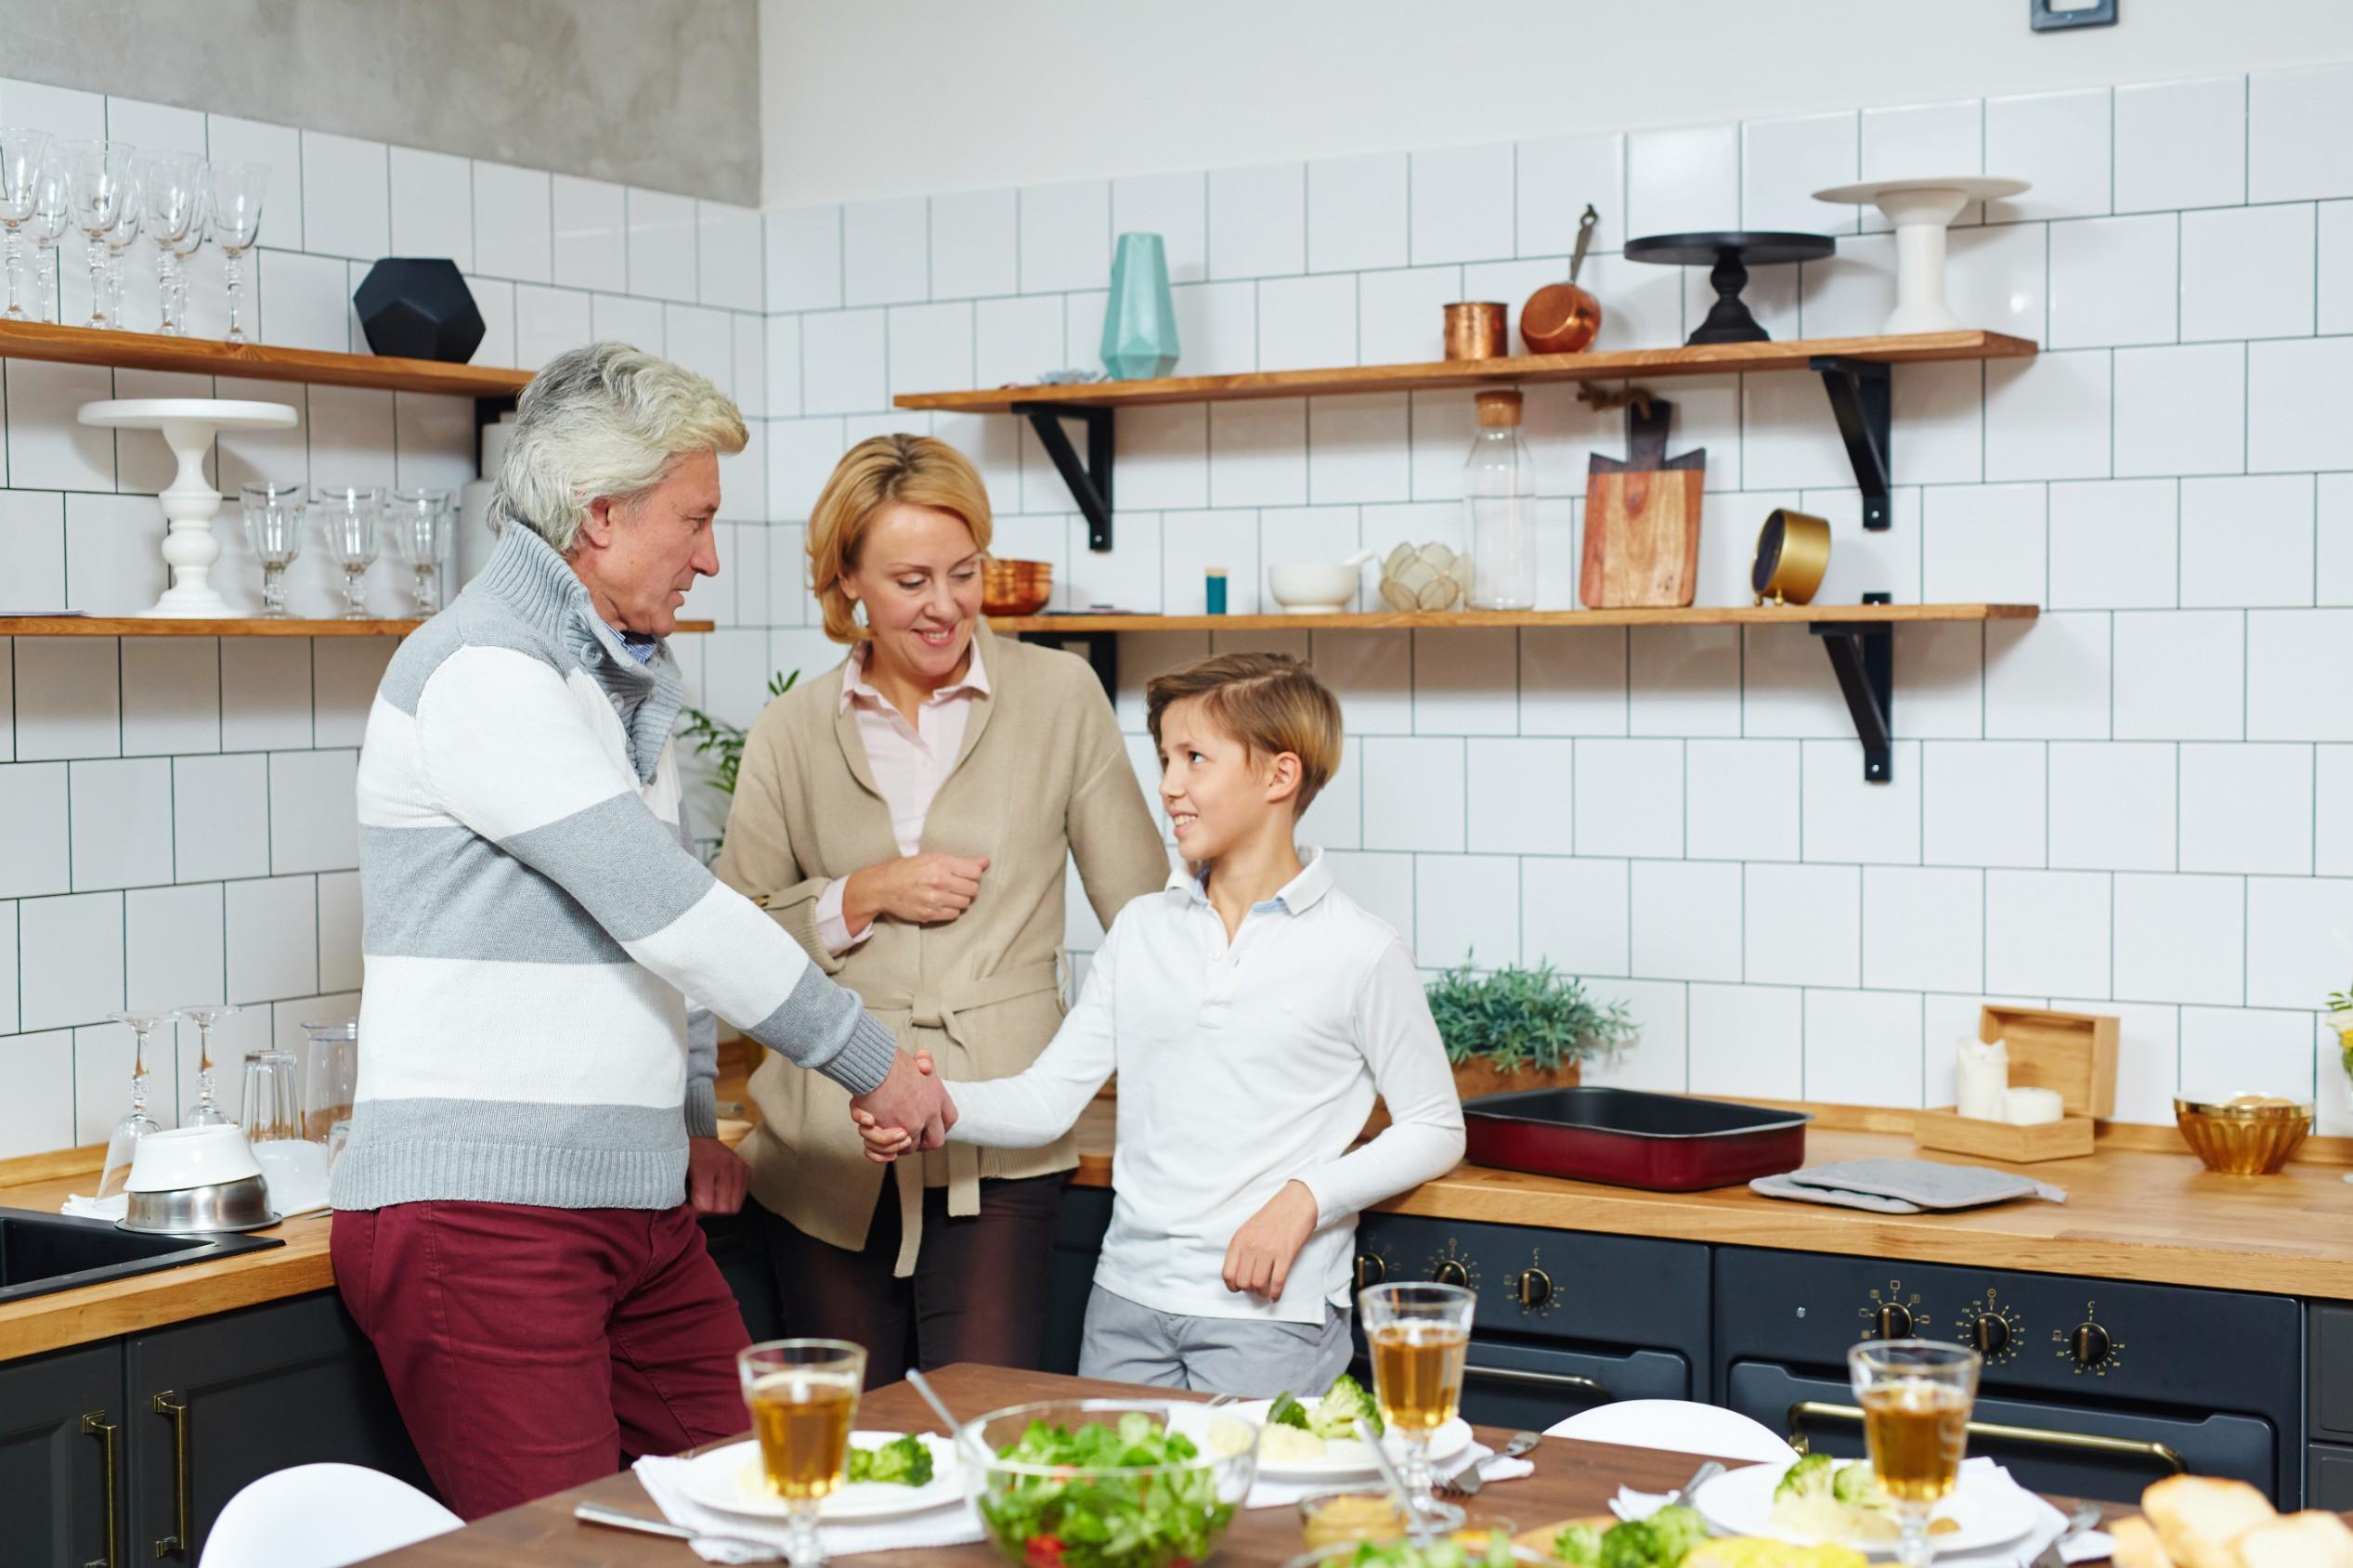 Teaching etiquette to kids? 10 must-teach etiquette